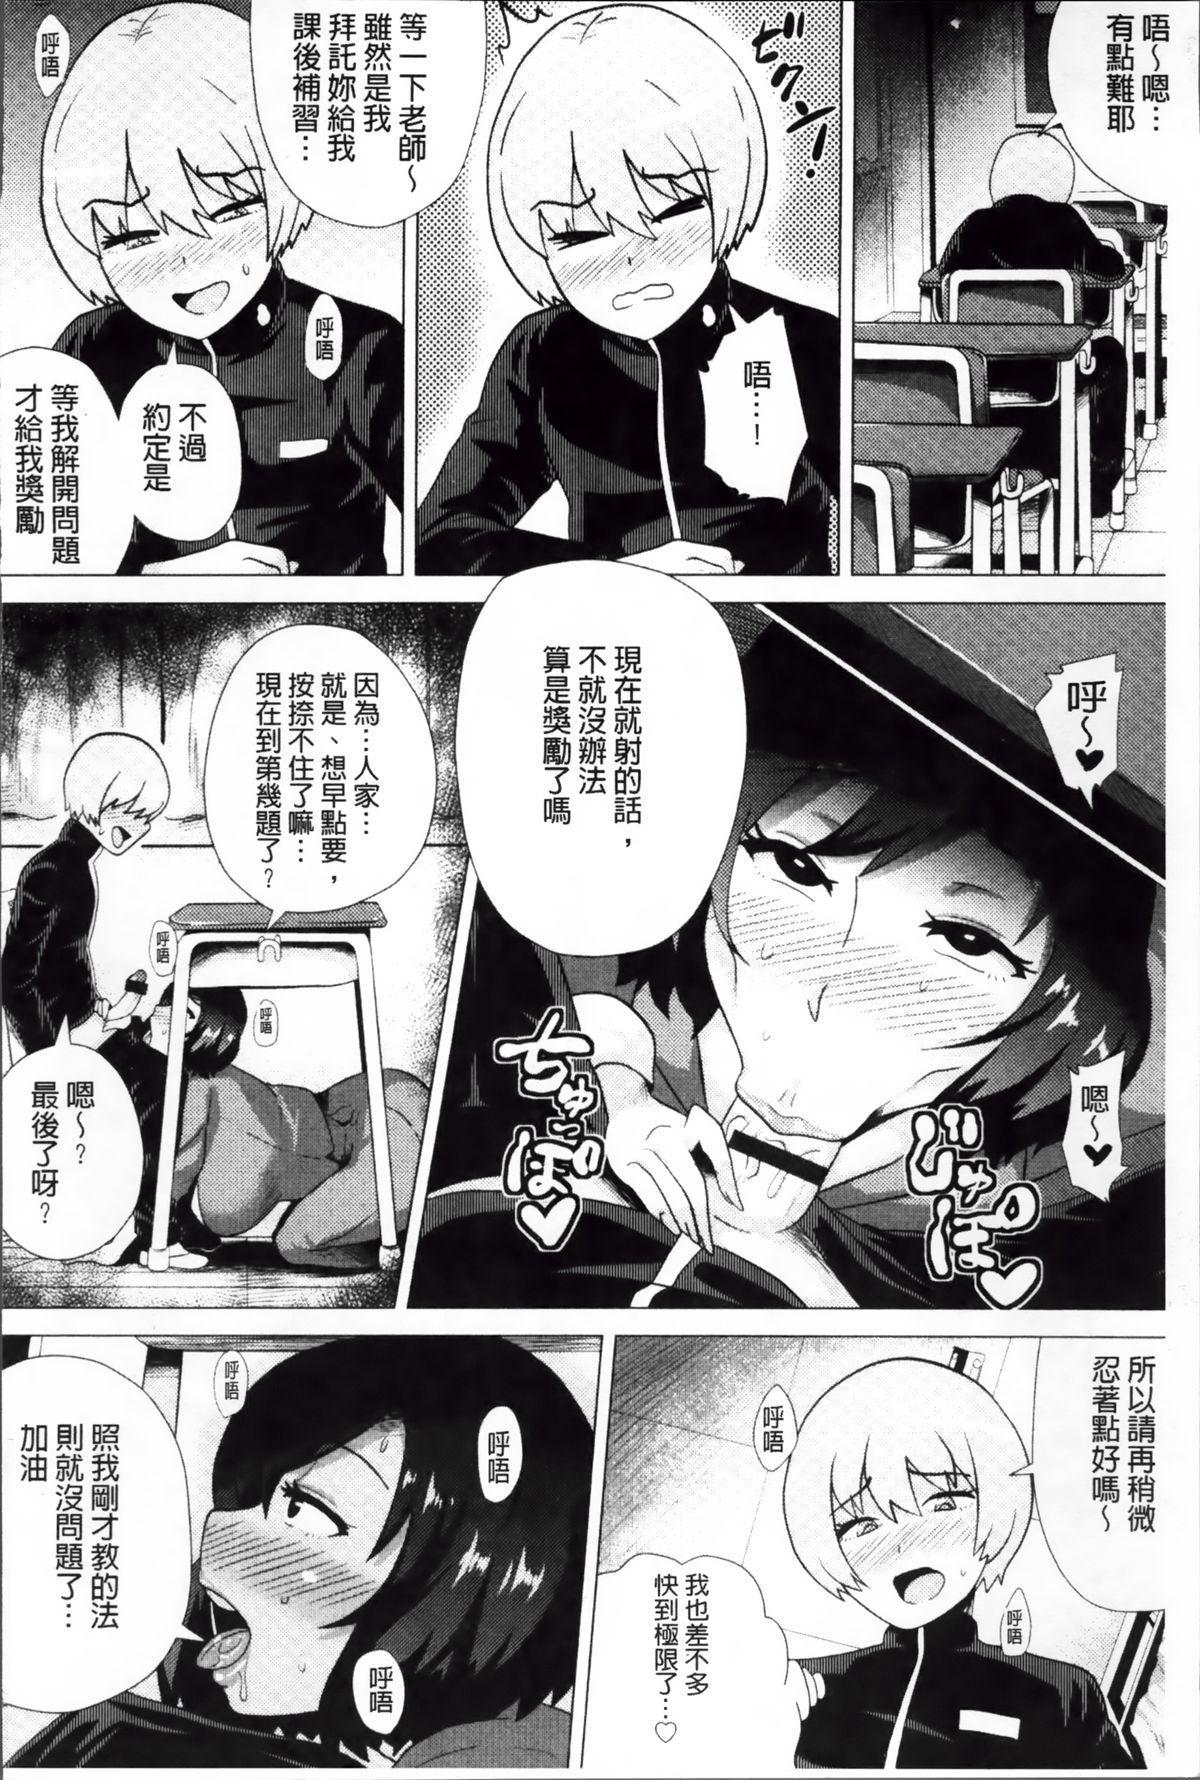 Megabody Night - Watashi no Oniku o Meshiagare 140